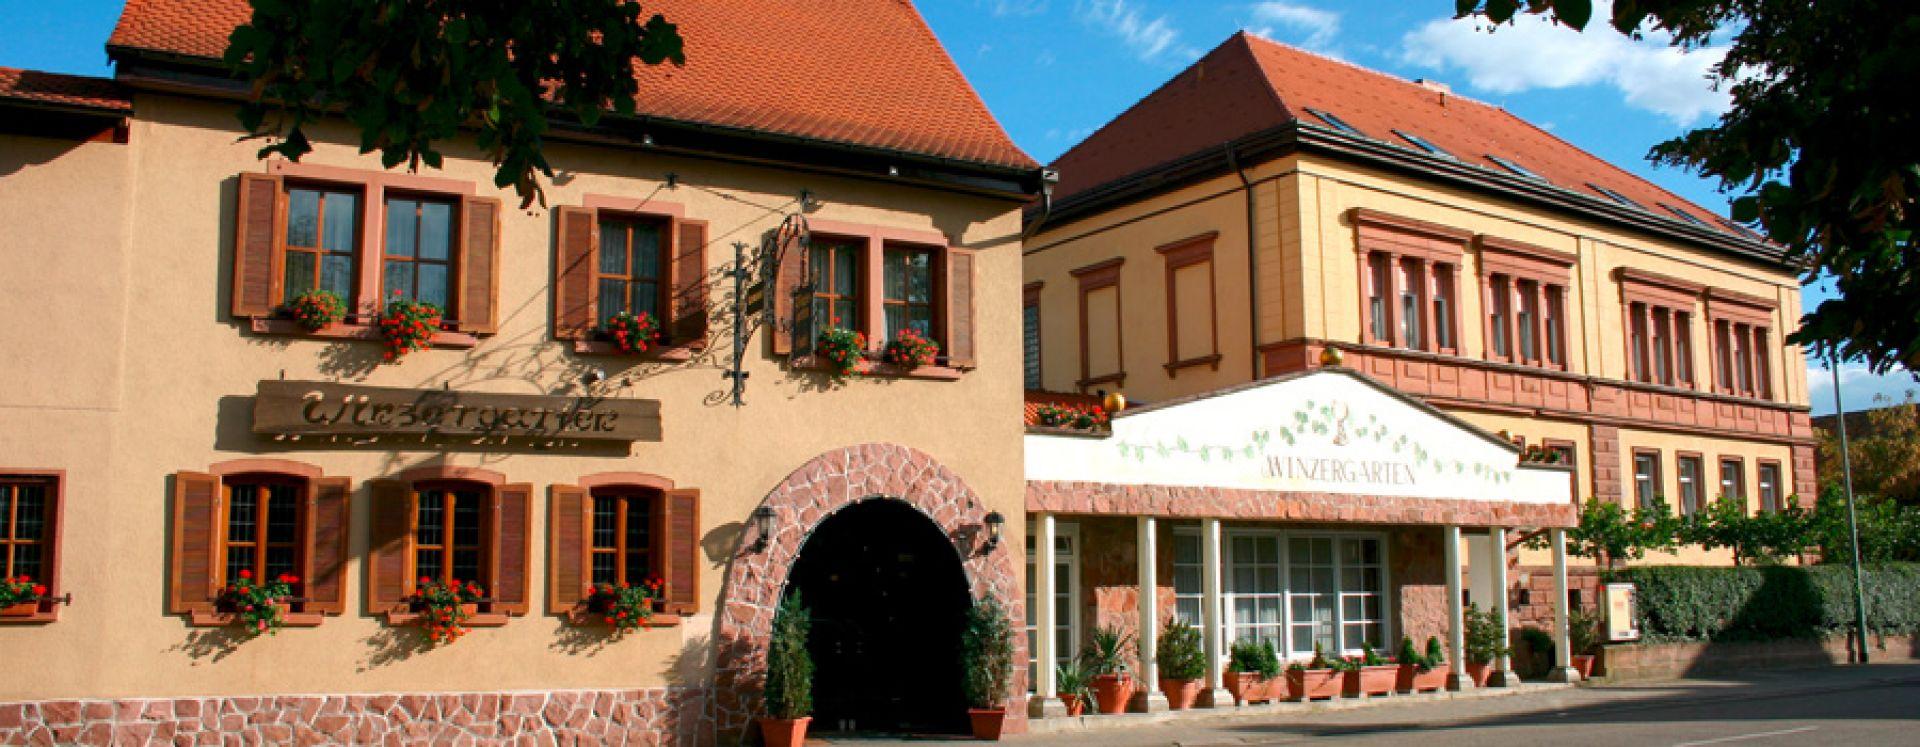 Hotel pfalz deutsche weinstra e zimmer pf lzerwald for Design hotel pfalz